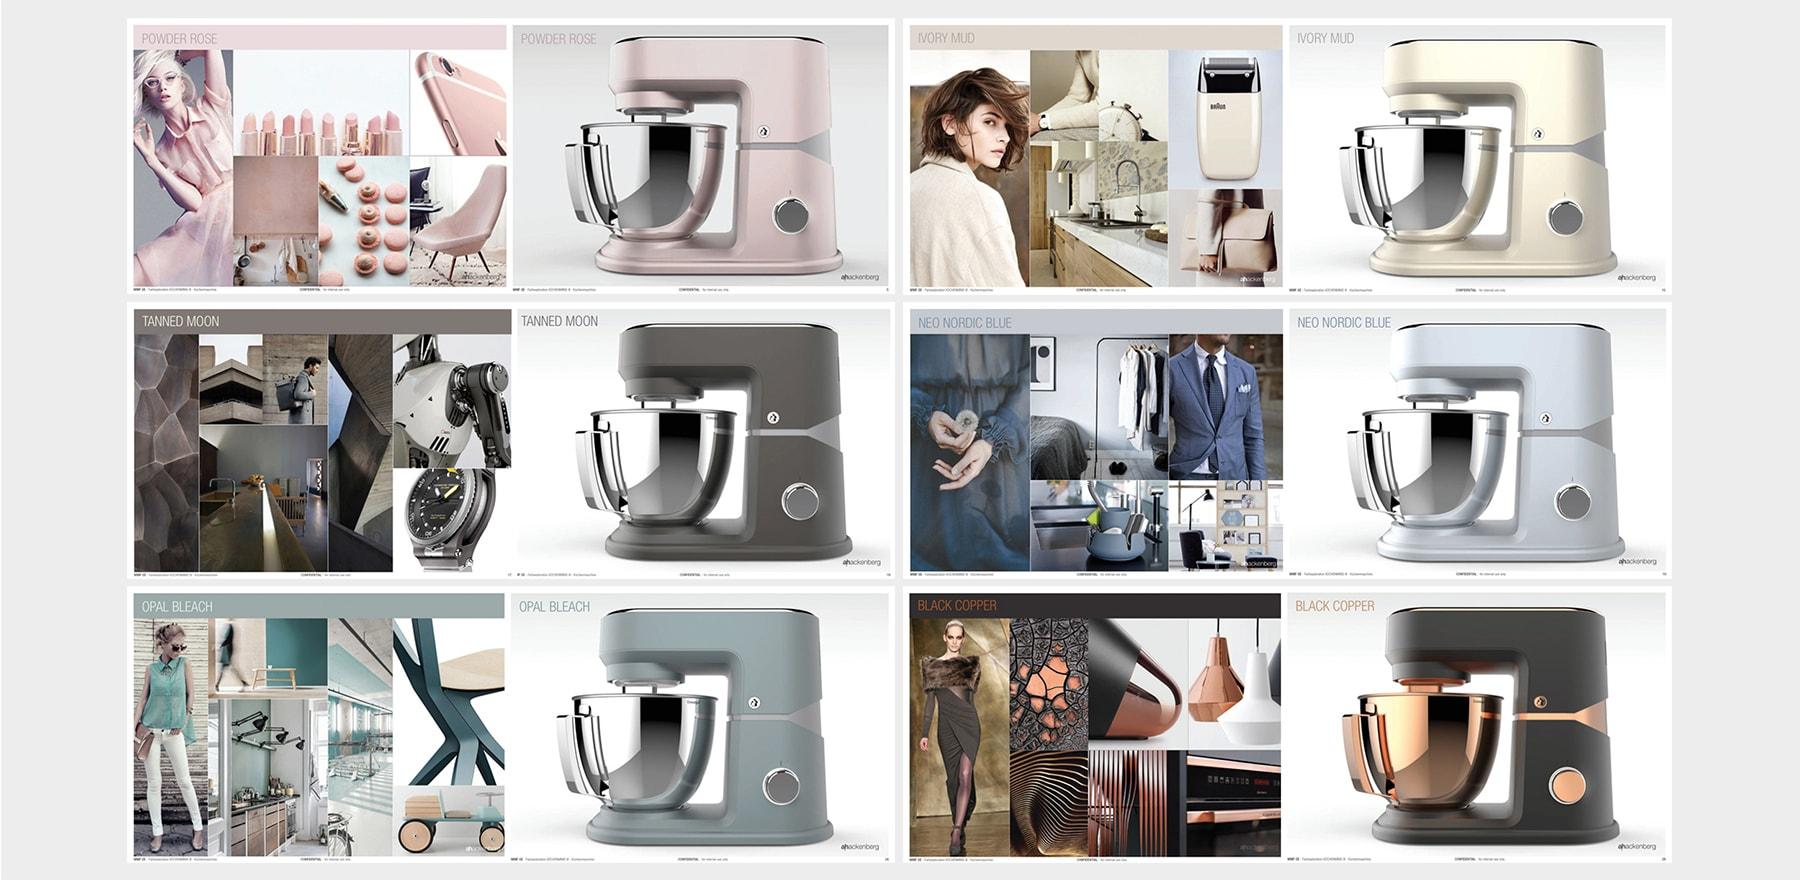 wmf küchenmaschine 004